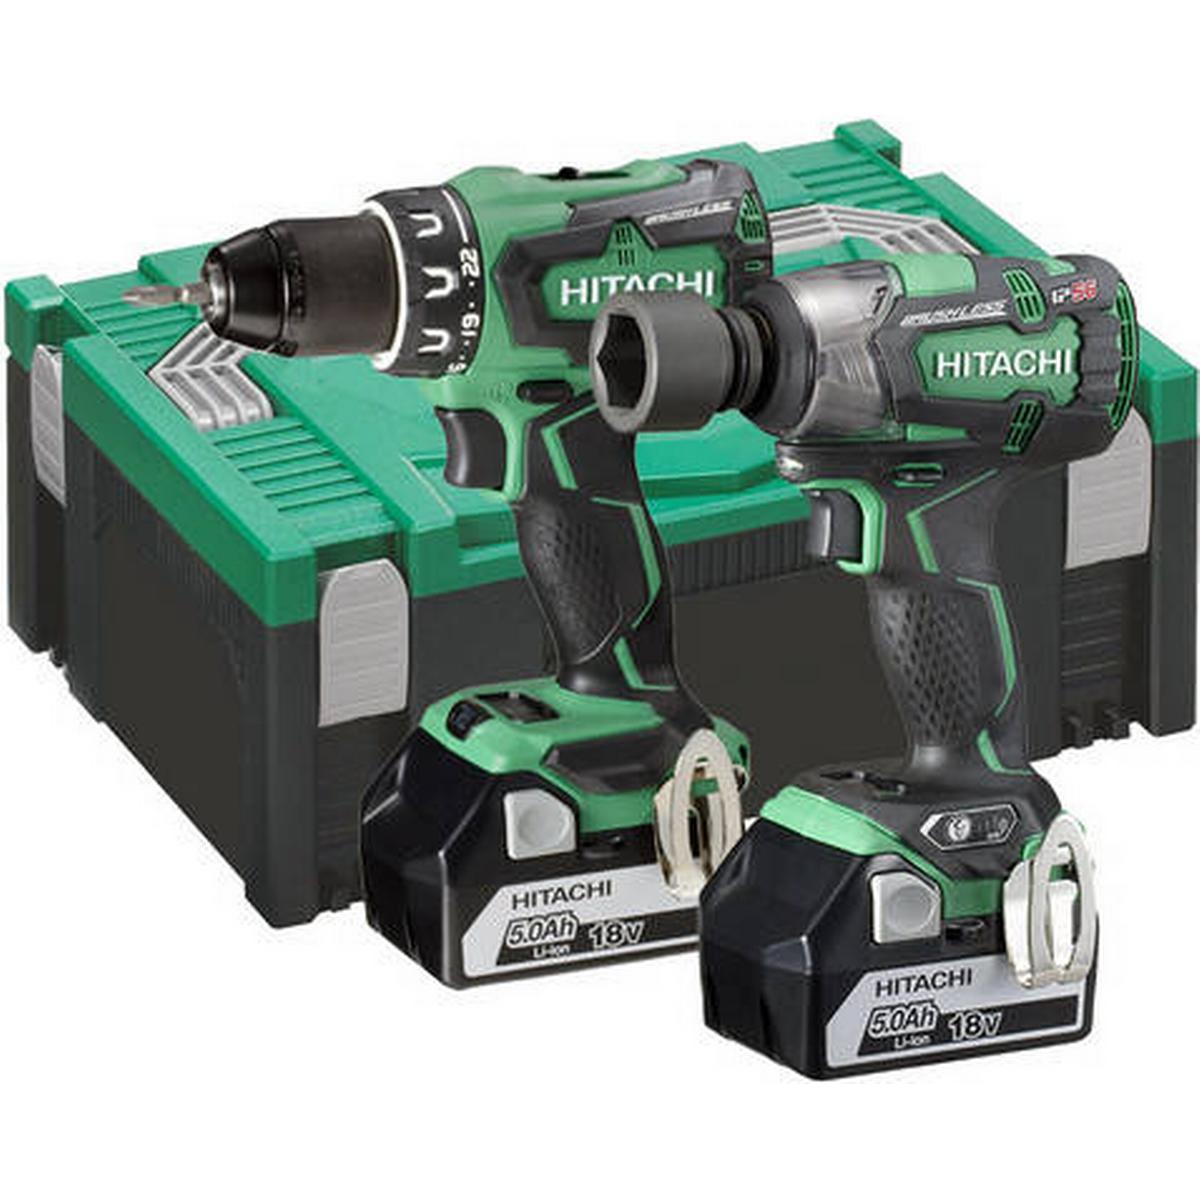 Populära Hitachi Set för Borrmaskiner & Skruvdragare - Jämför priser på UT-25